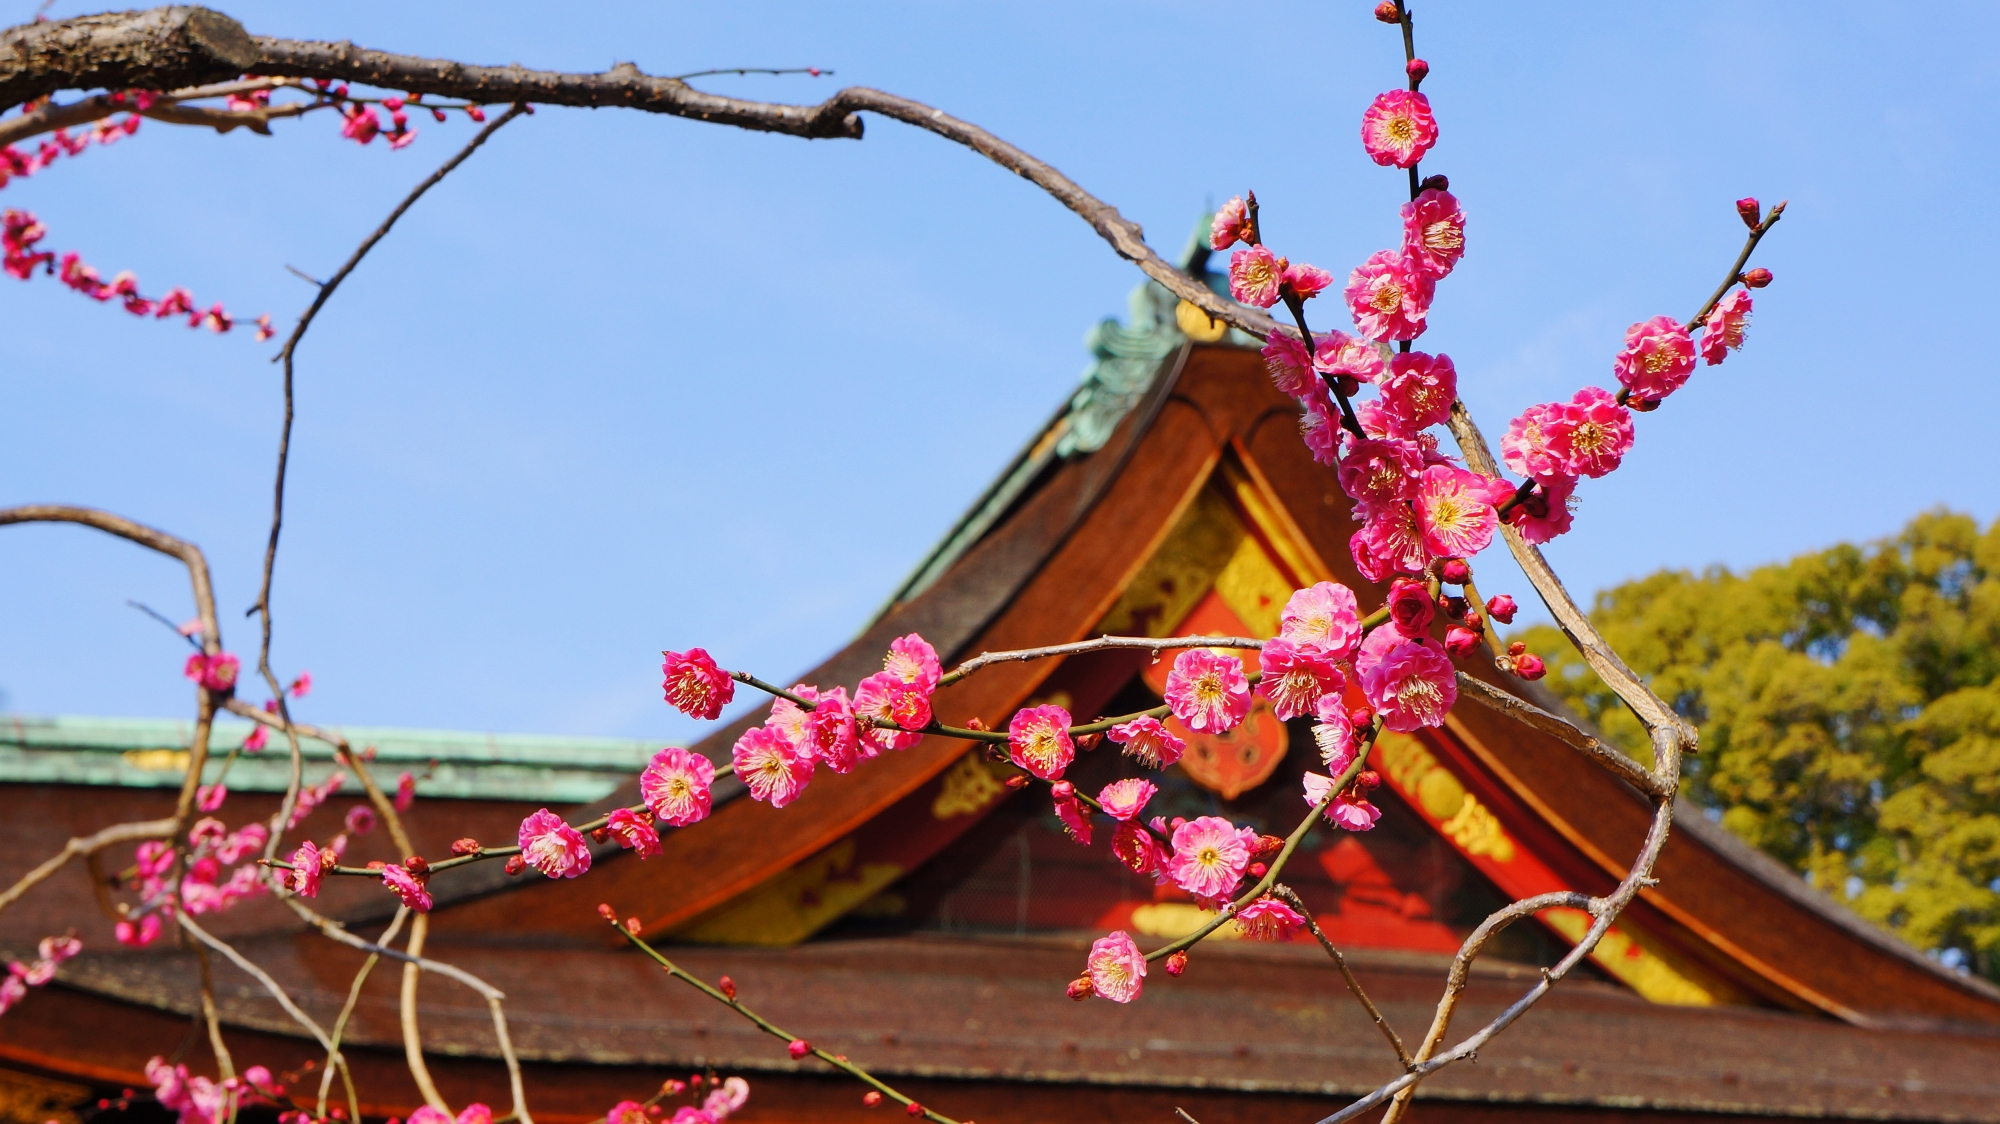 自由奔放に伸びていく感じがする梅の枝